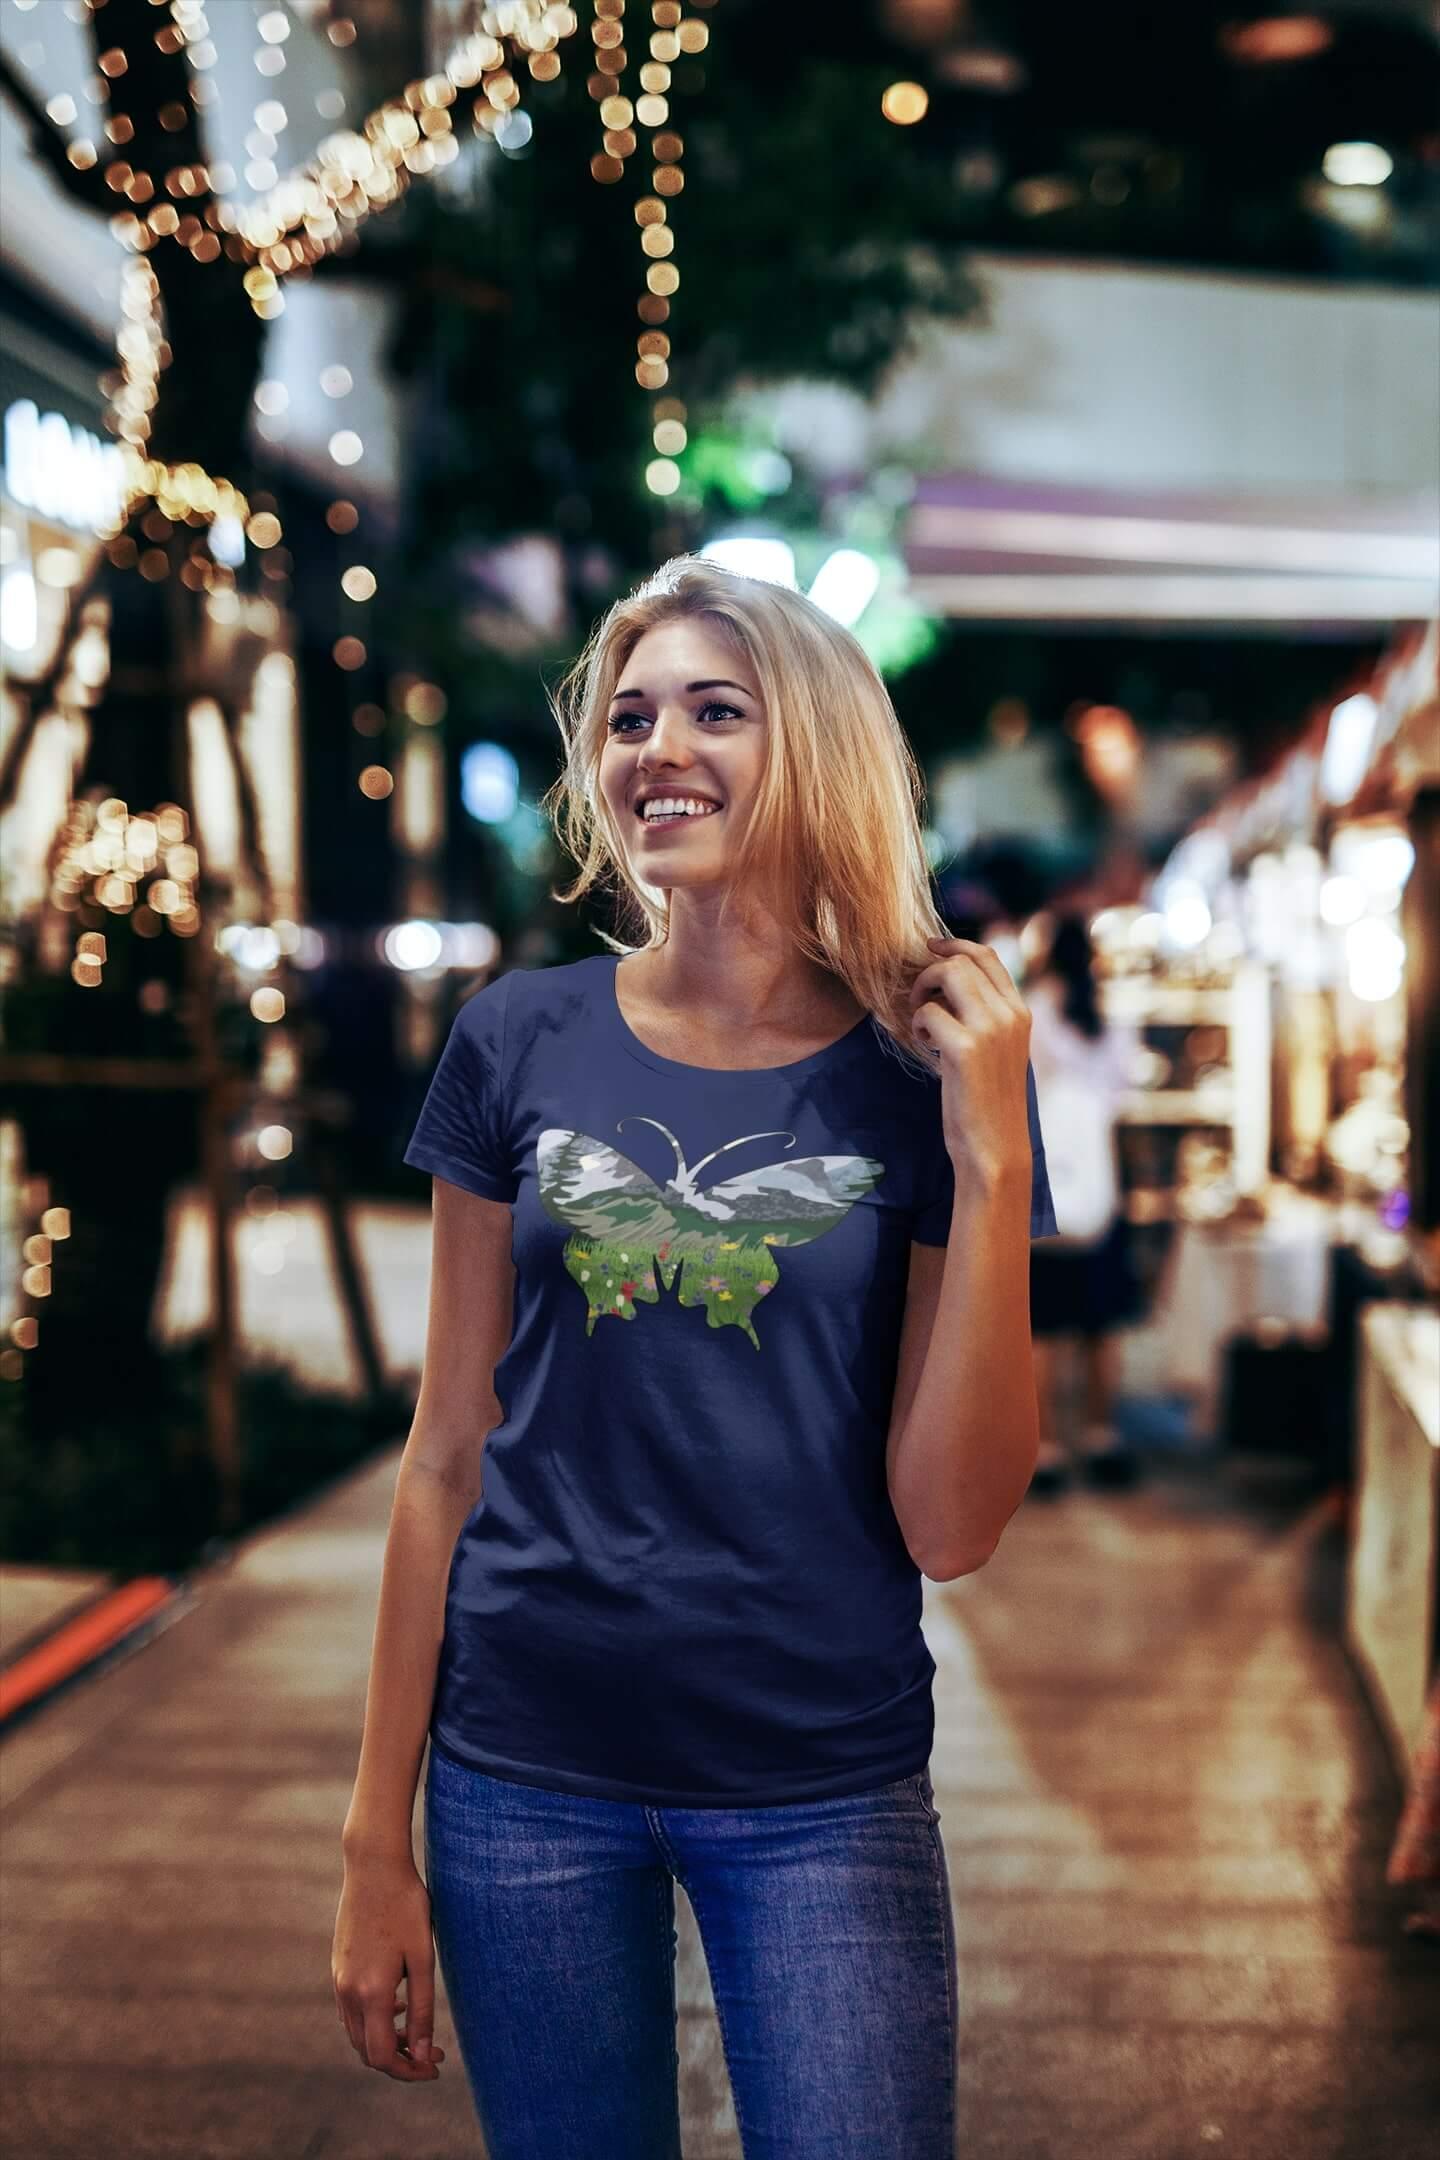 MMO Dámske tričko Motýľ Vyberte farbu: Polnočná modrá, Vyberte veľkosť: S